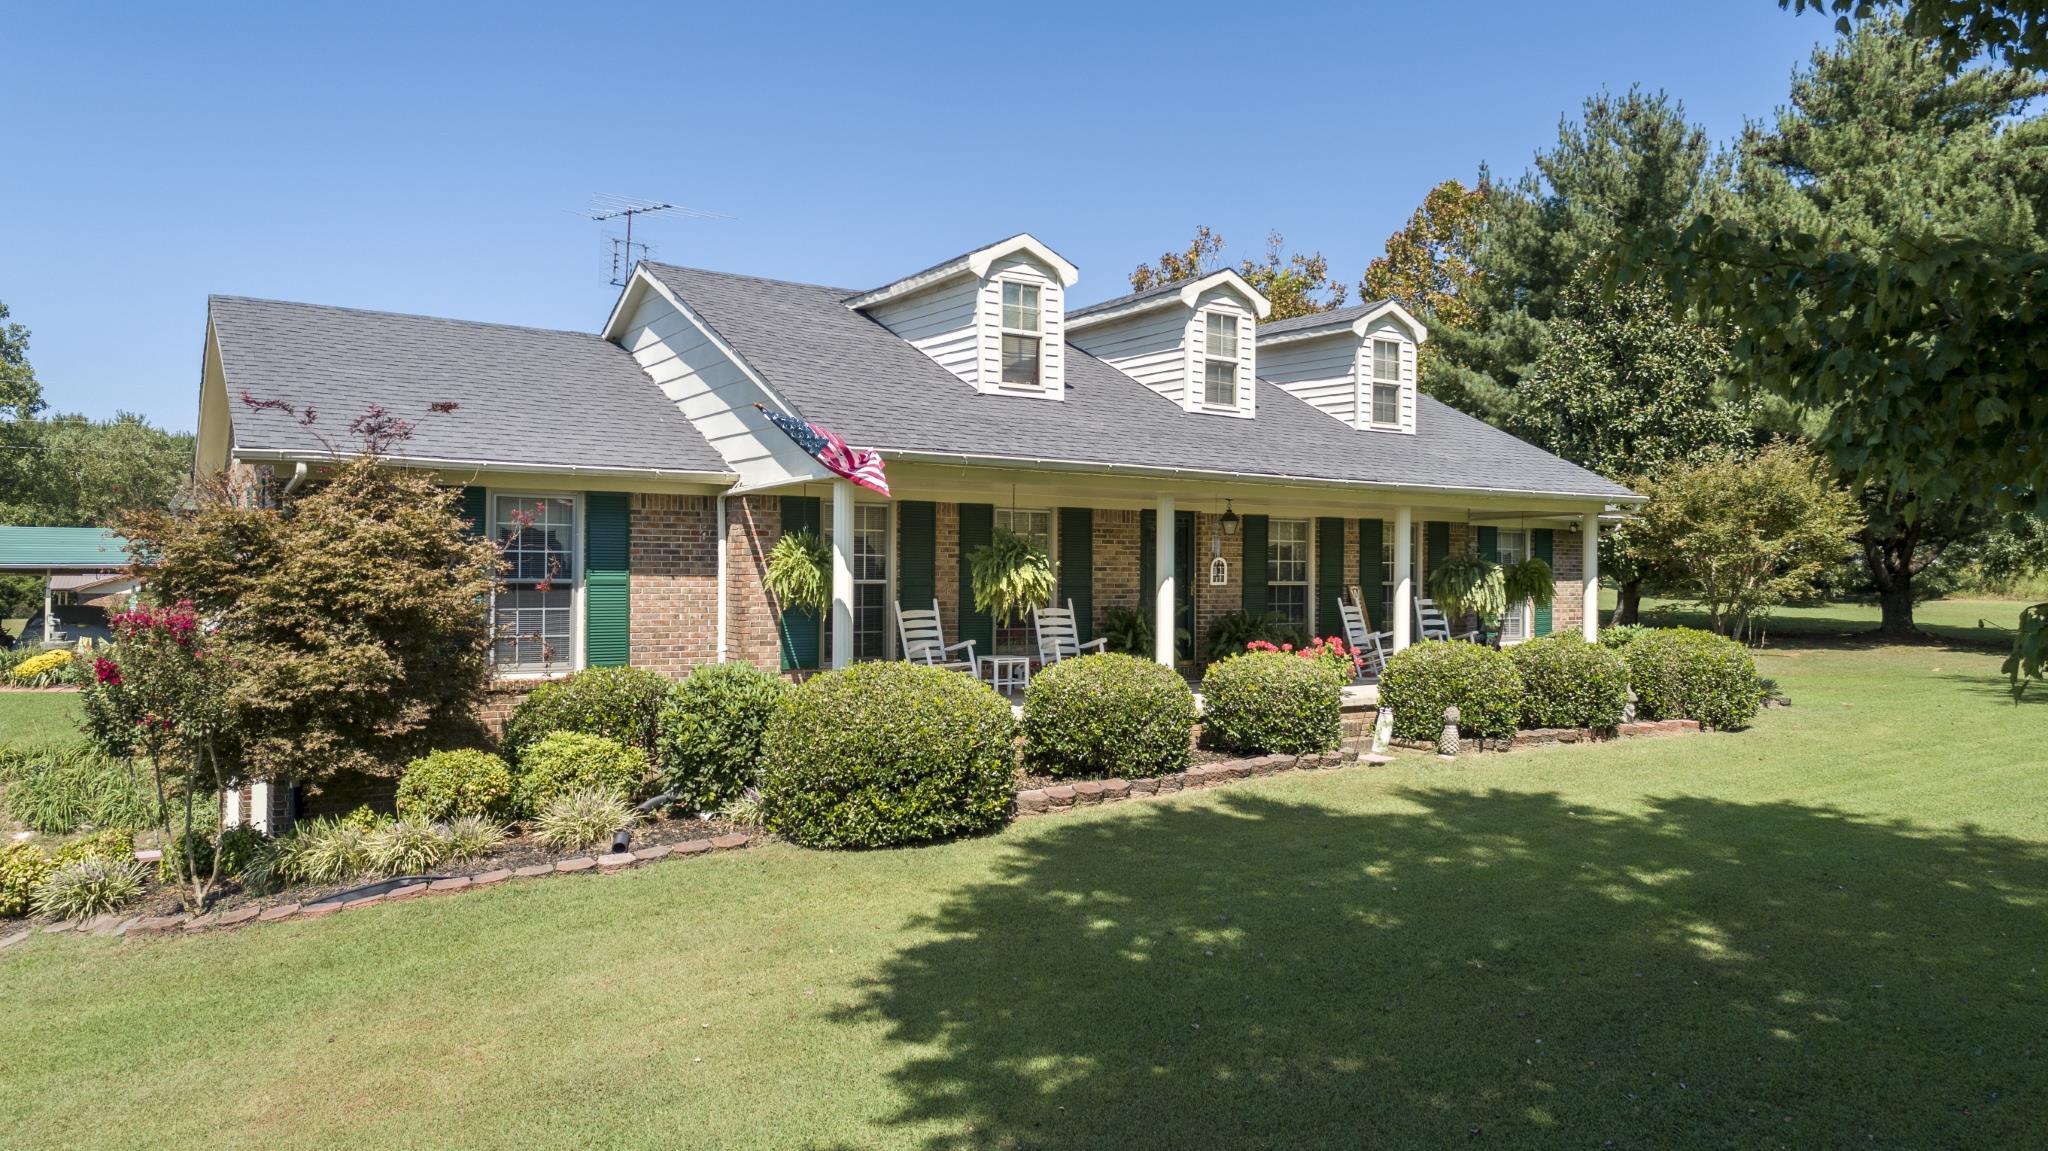 3 Grassy Branch Rd, Flintville, TN 37335 - Flintville, TN real estate listing